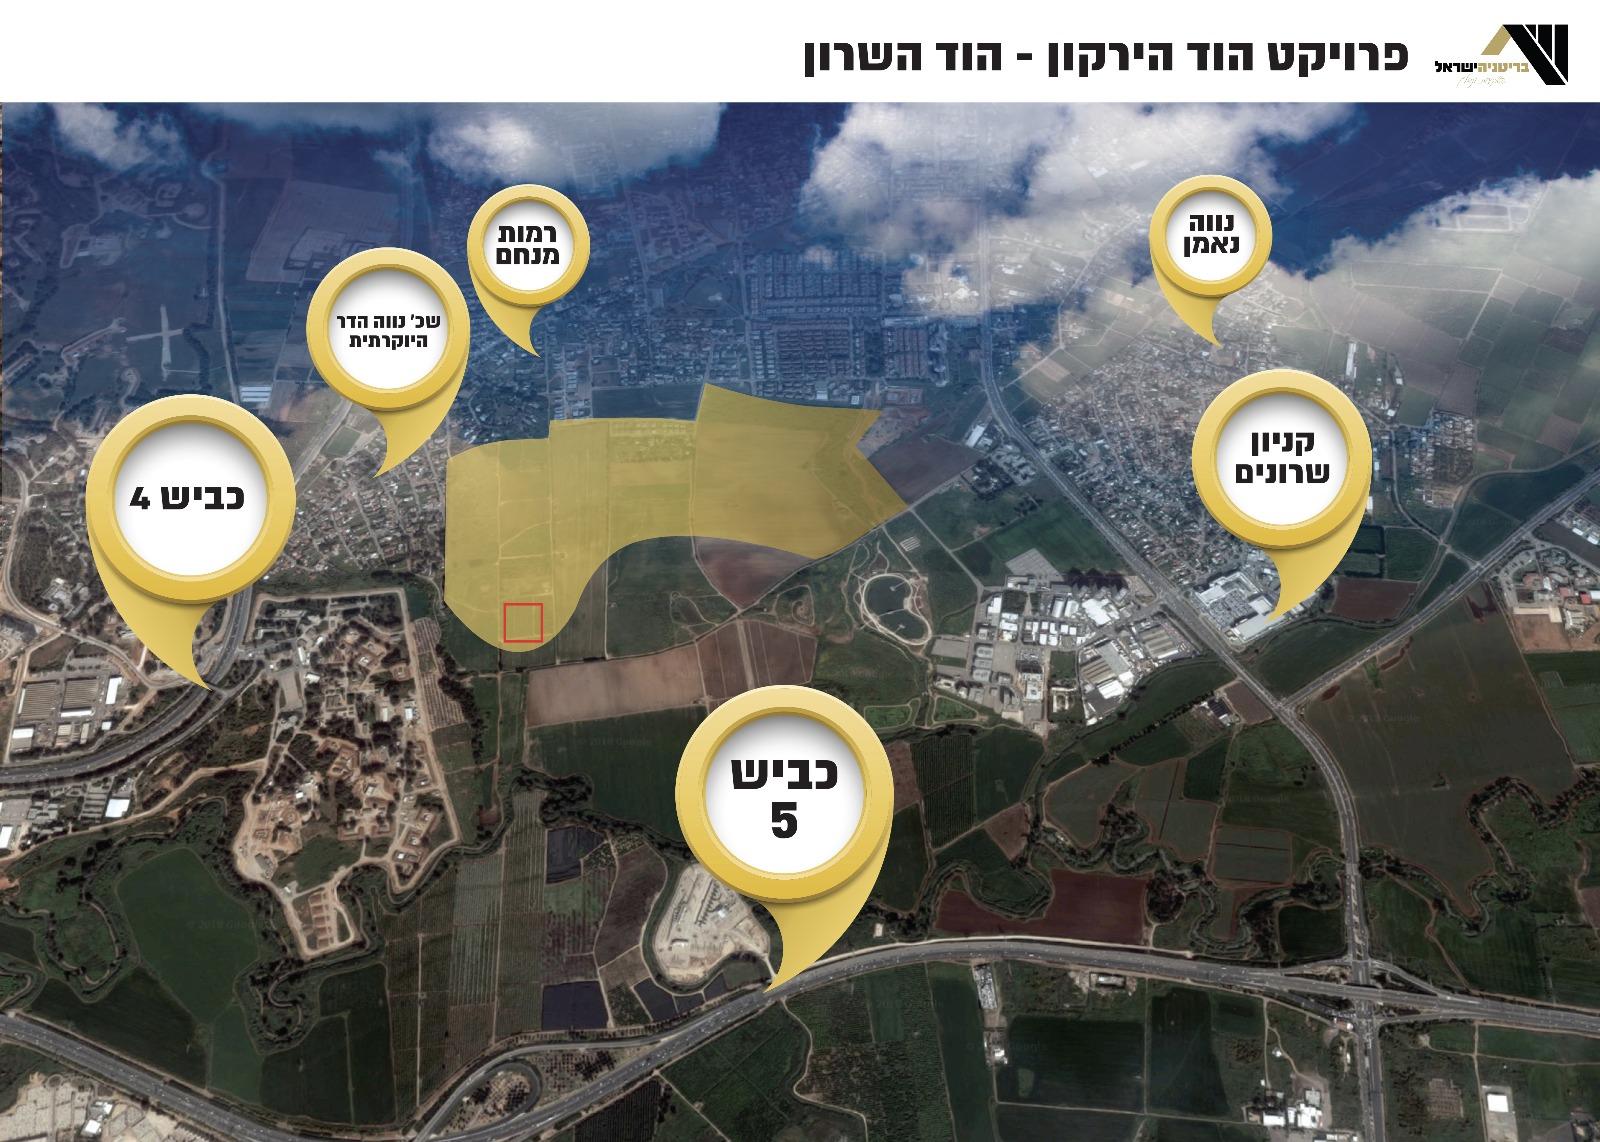 השקעה ביחידת קרקע במתחם הענק שישנה את פני השרון. החל מ-325,000 ₪